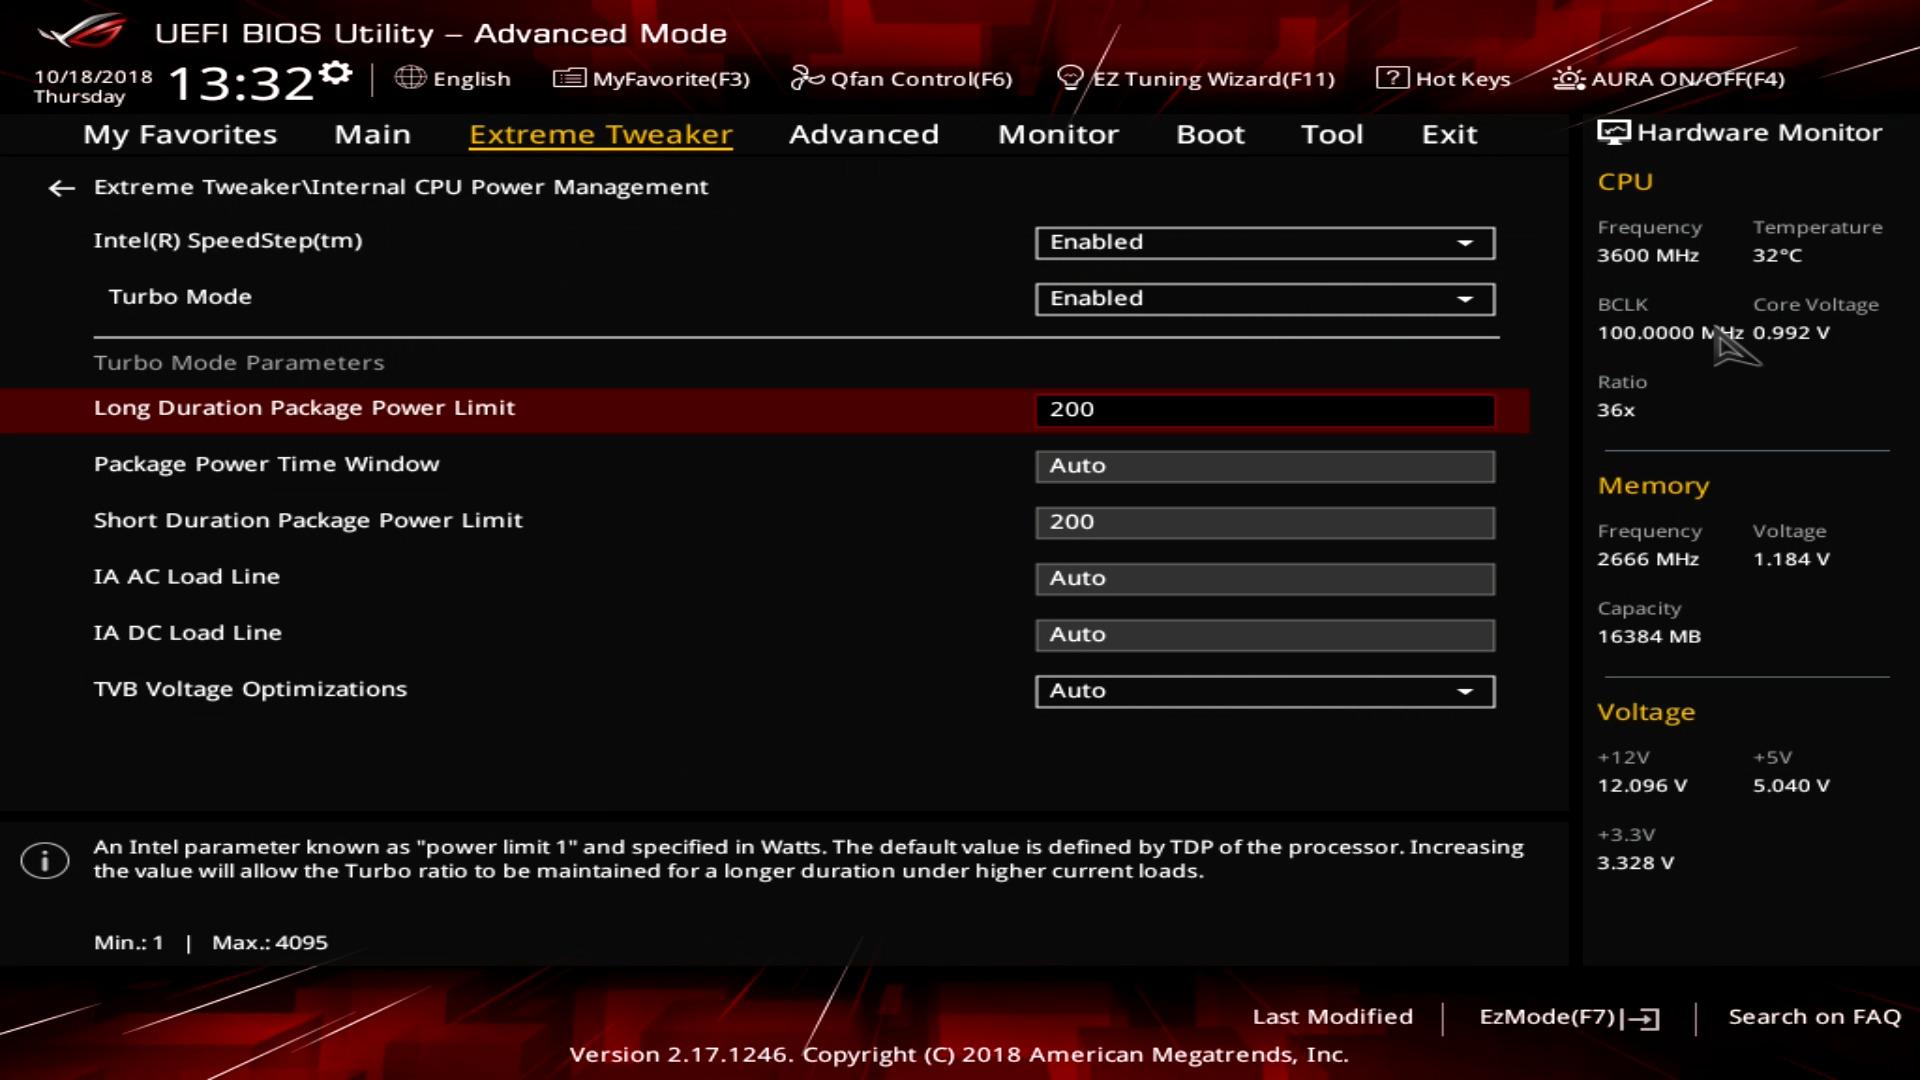 Core i9-9900K im Test: Acht verlötete 5-GHz-Kerne sind extrem - Wer die cTDP auf unter 200 Watt einstellt, verliert Leistung. (Bild: Golem.de)